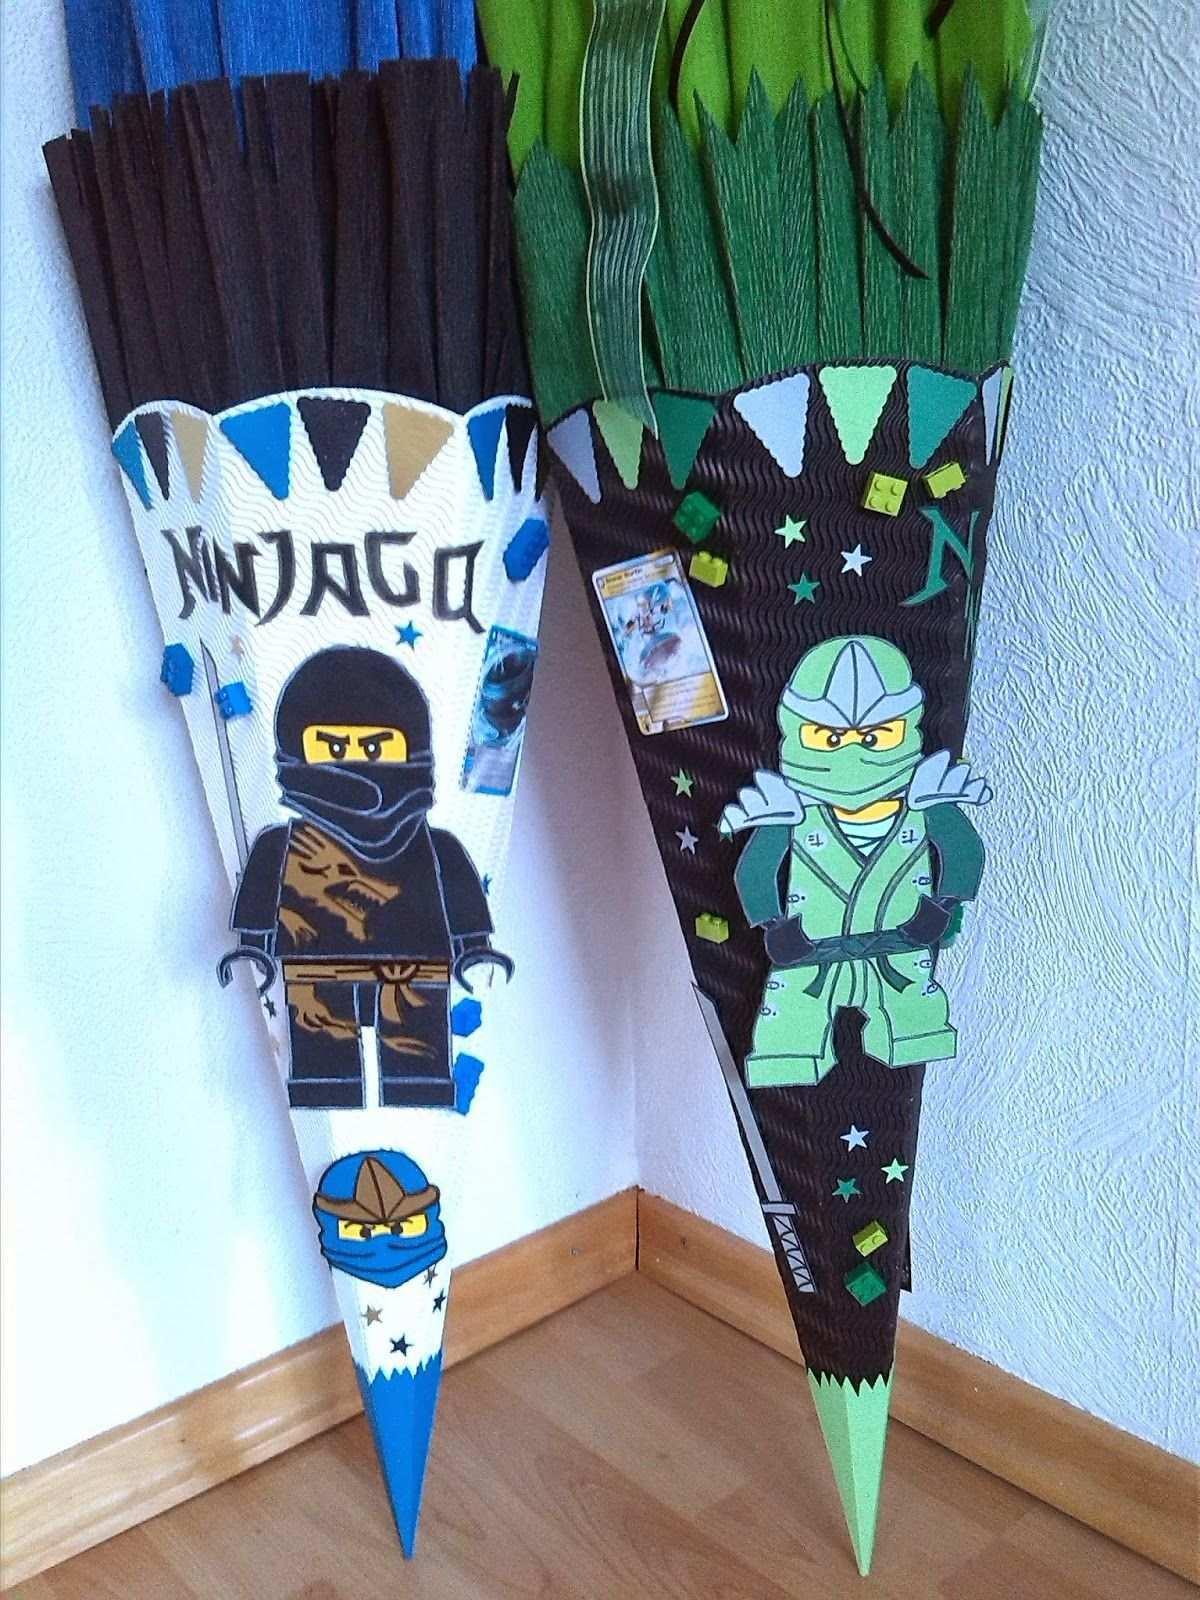 Schultute Lego Ninjago Vorlagen Schlange Schultute Selber Basteln Ninjago Schultute Schultute Basteln